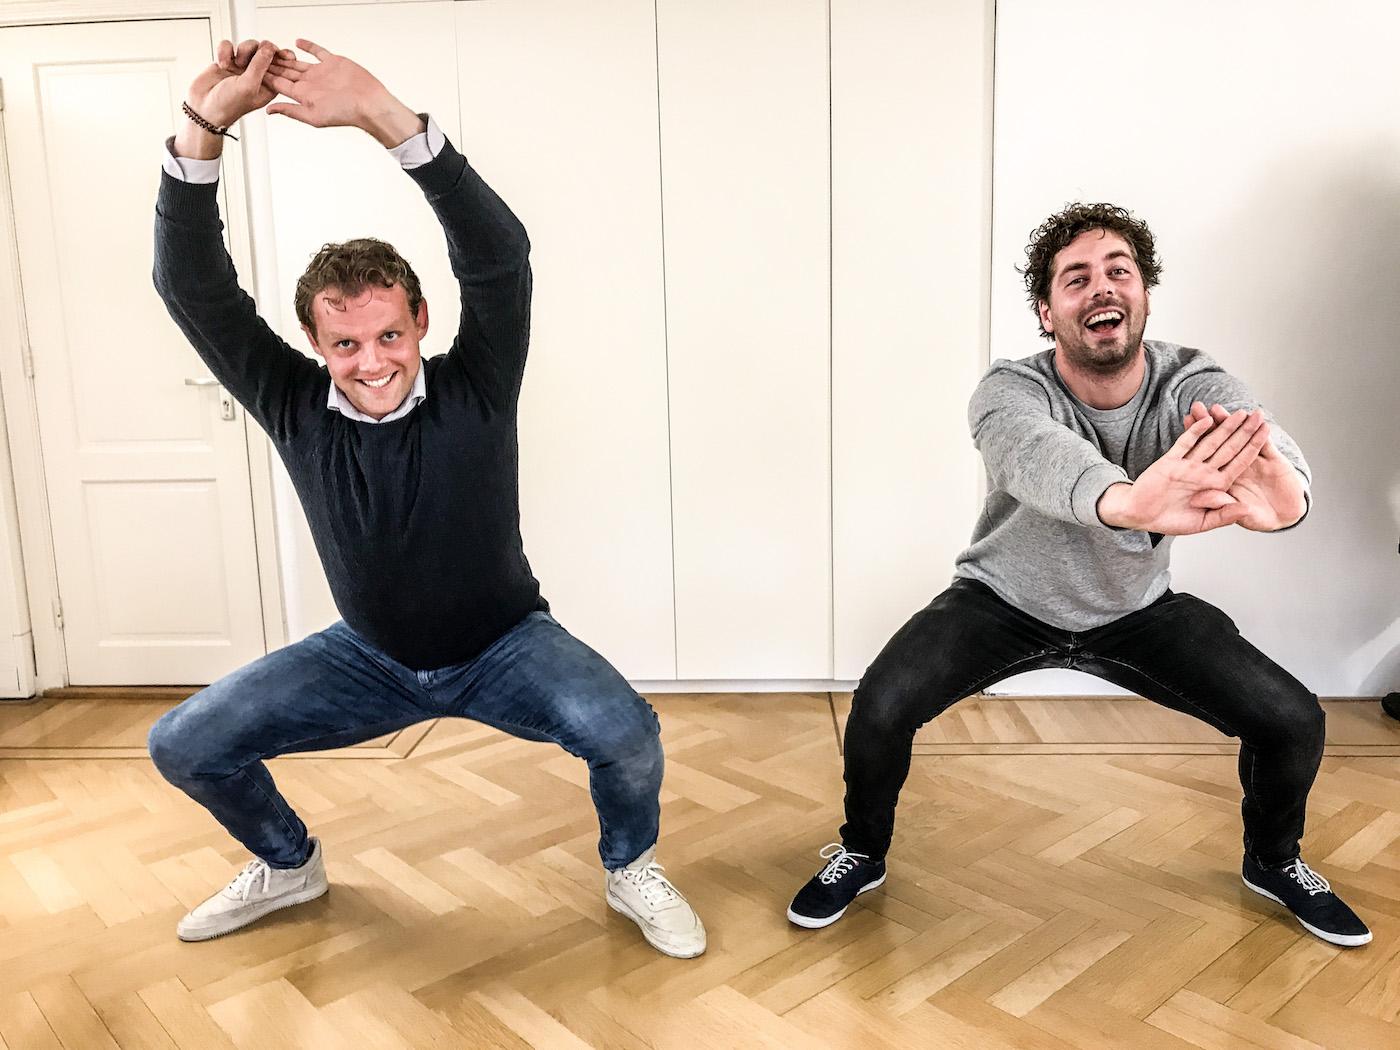 squats oefening voor fit op wintersport